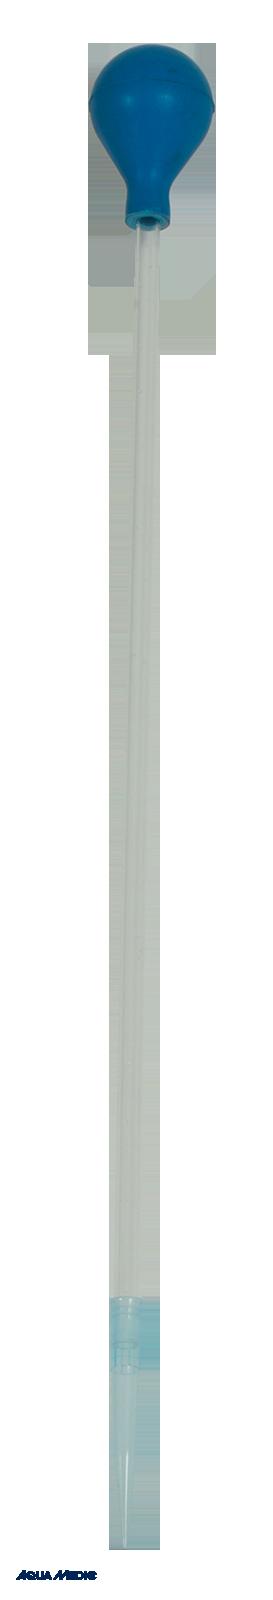 pipette 35